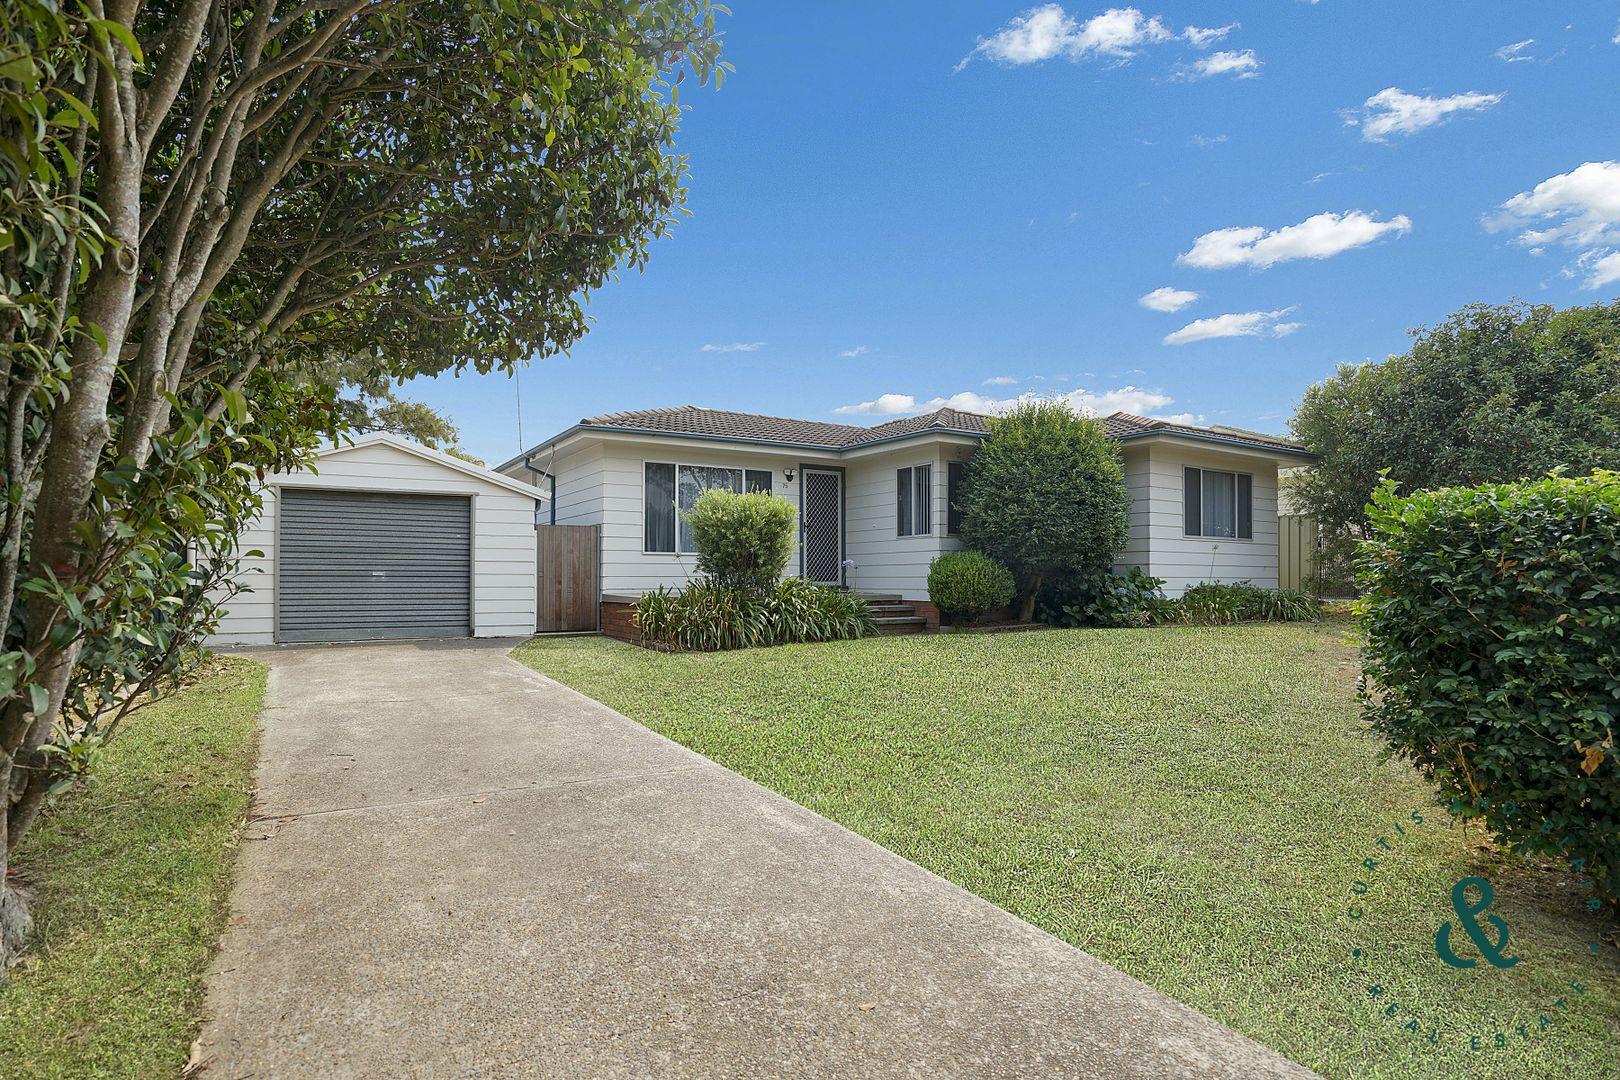 75 Ferodale  Road, Medowie NSW 2318, Image 0